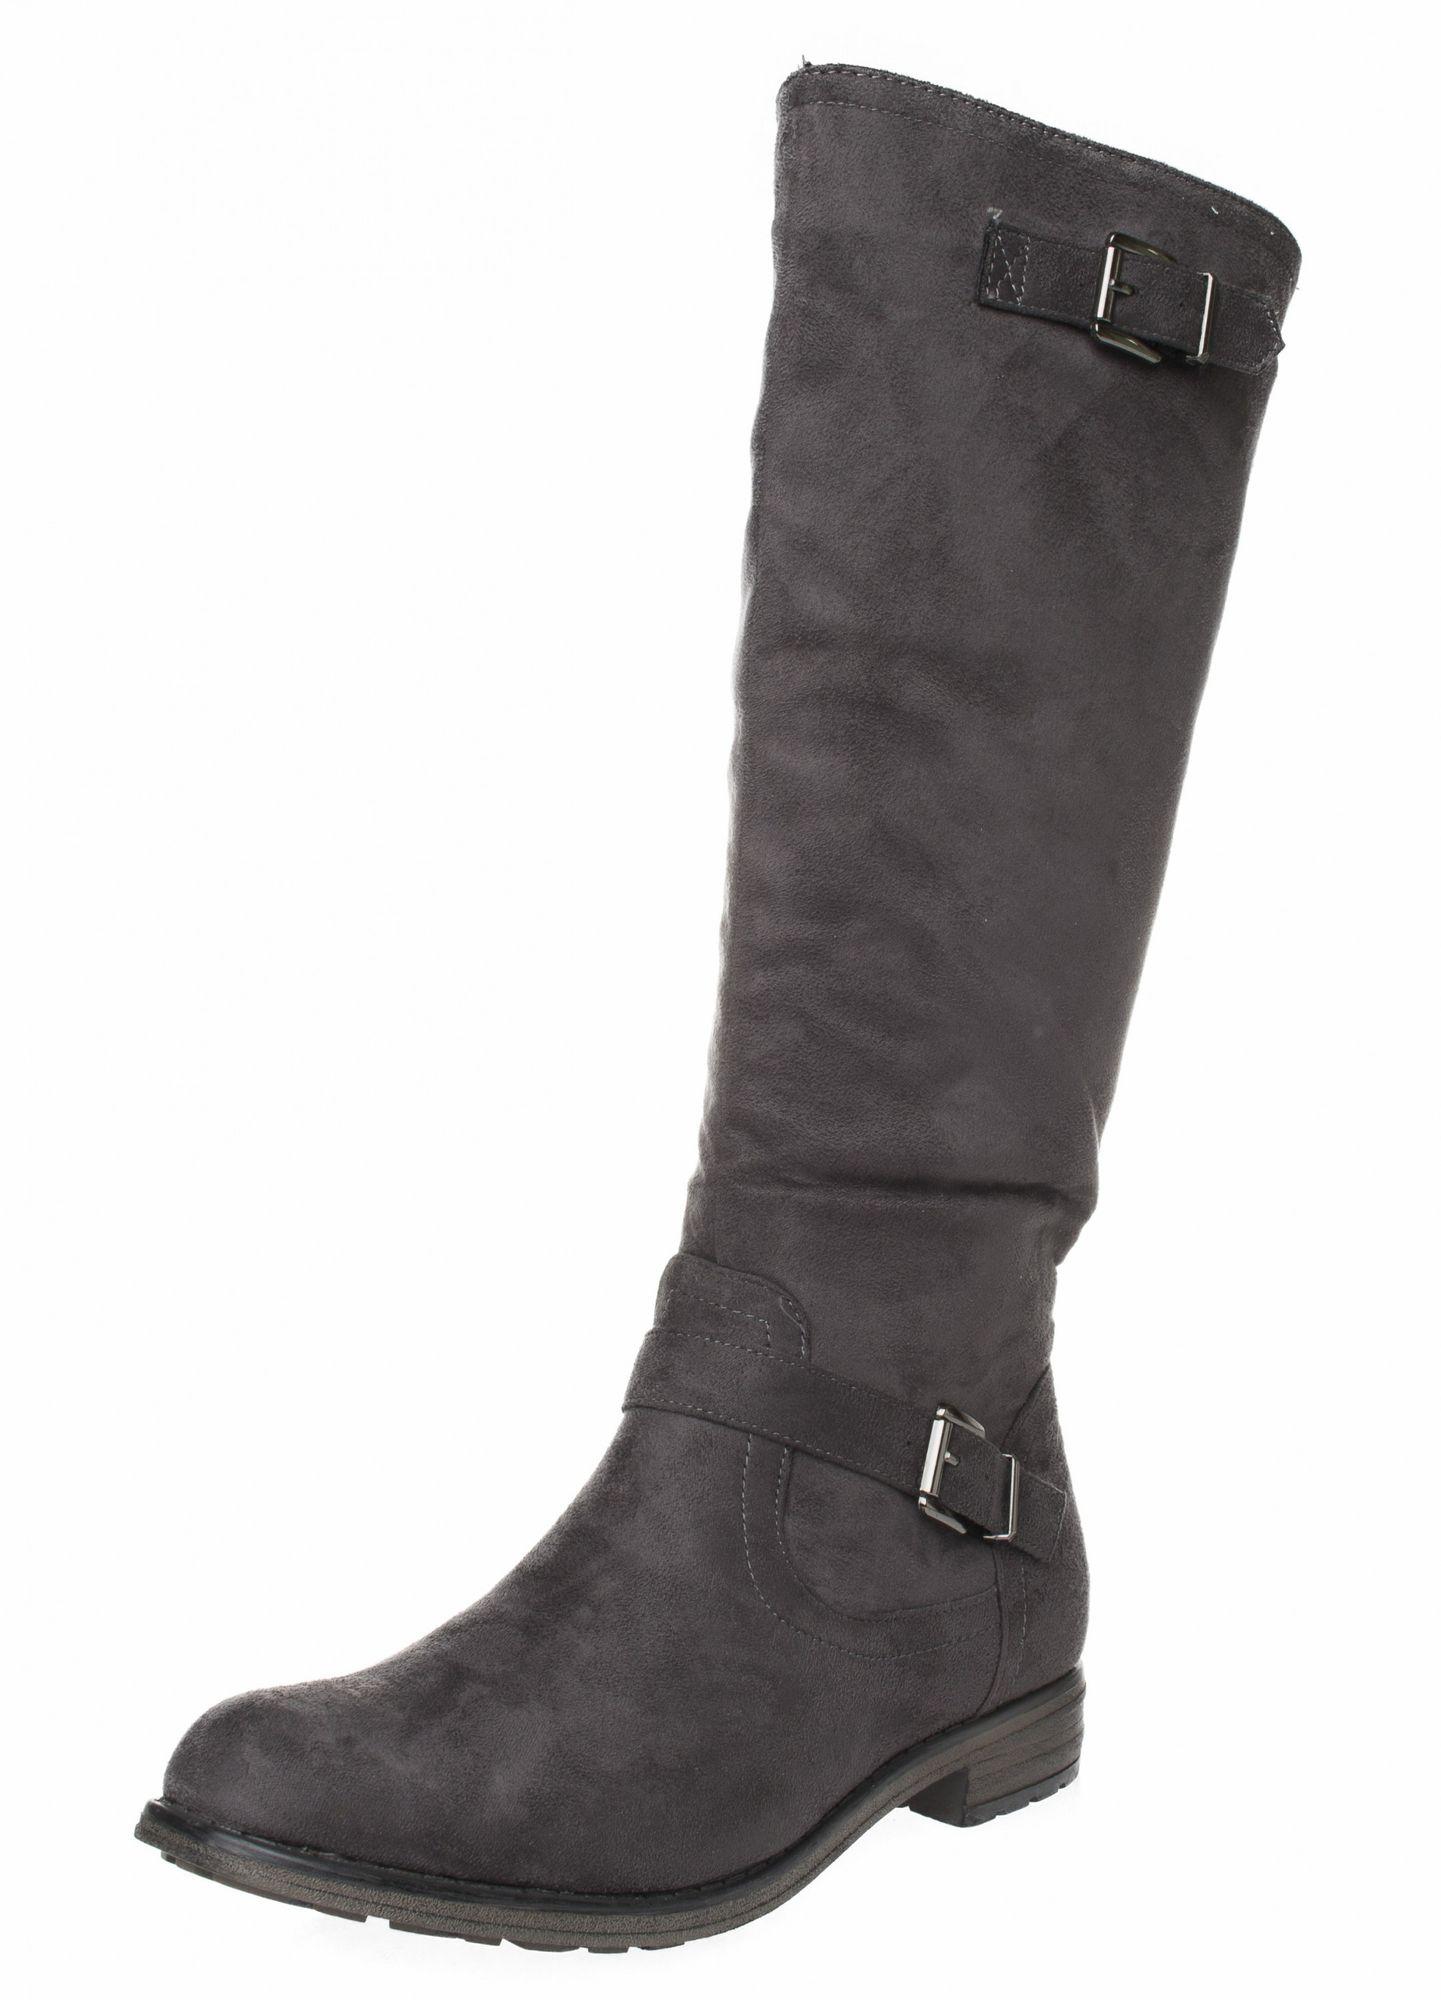 FITTERS FOOTWEAR - Vanessa - Damen Stiefel - Grau Schuhe in Übergrößen – Bild 1